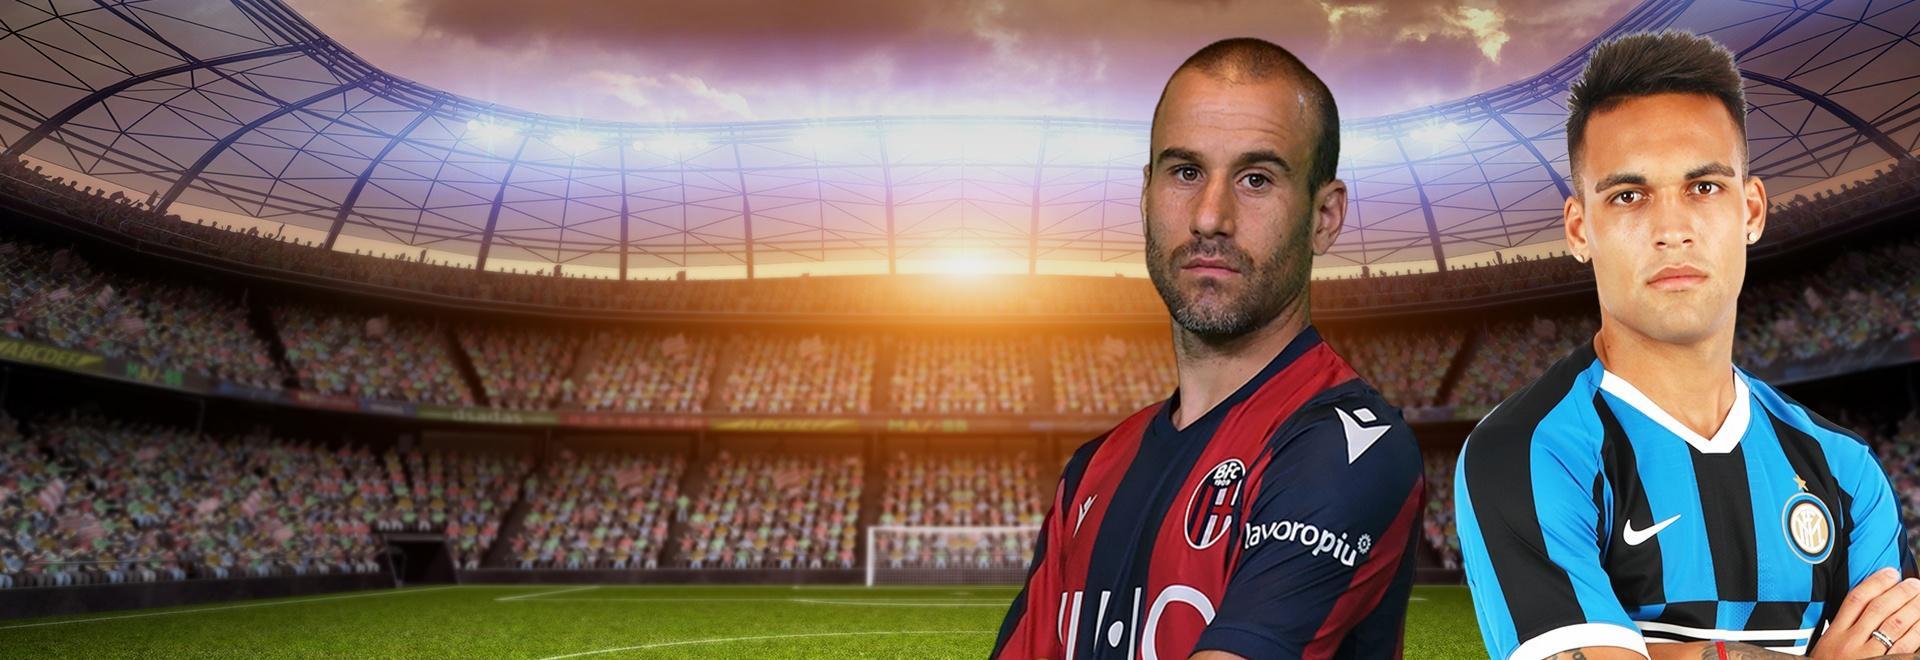 Bologna - Inter. 11a g.